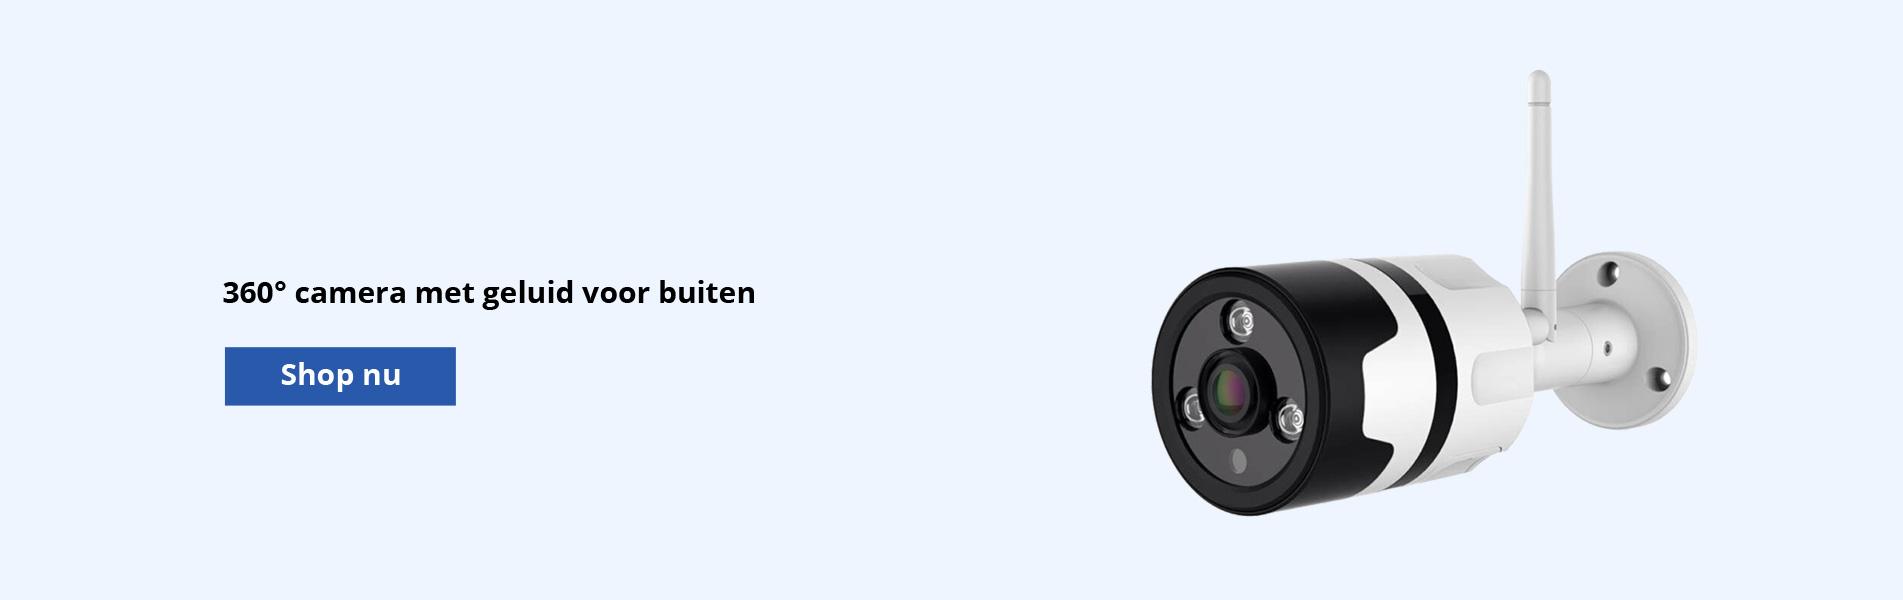 360 graden camera voor buiten